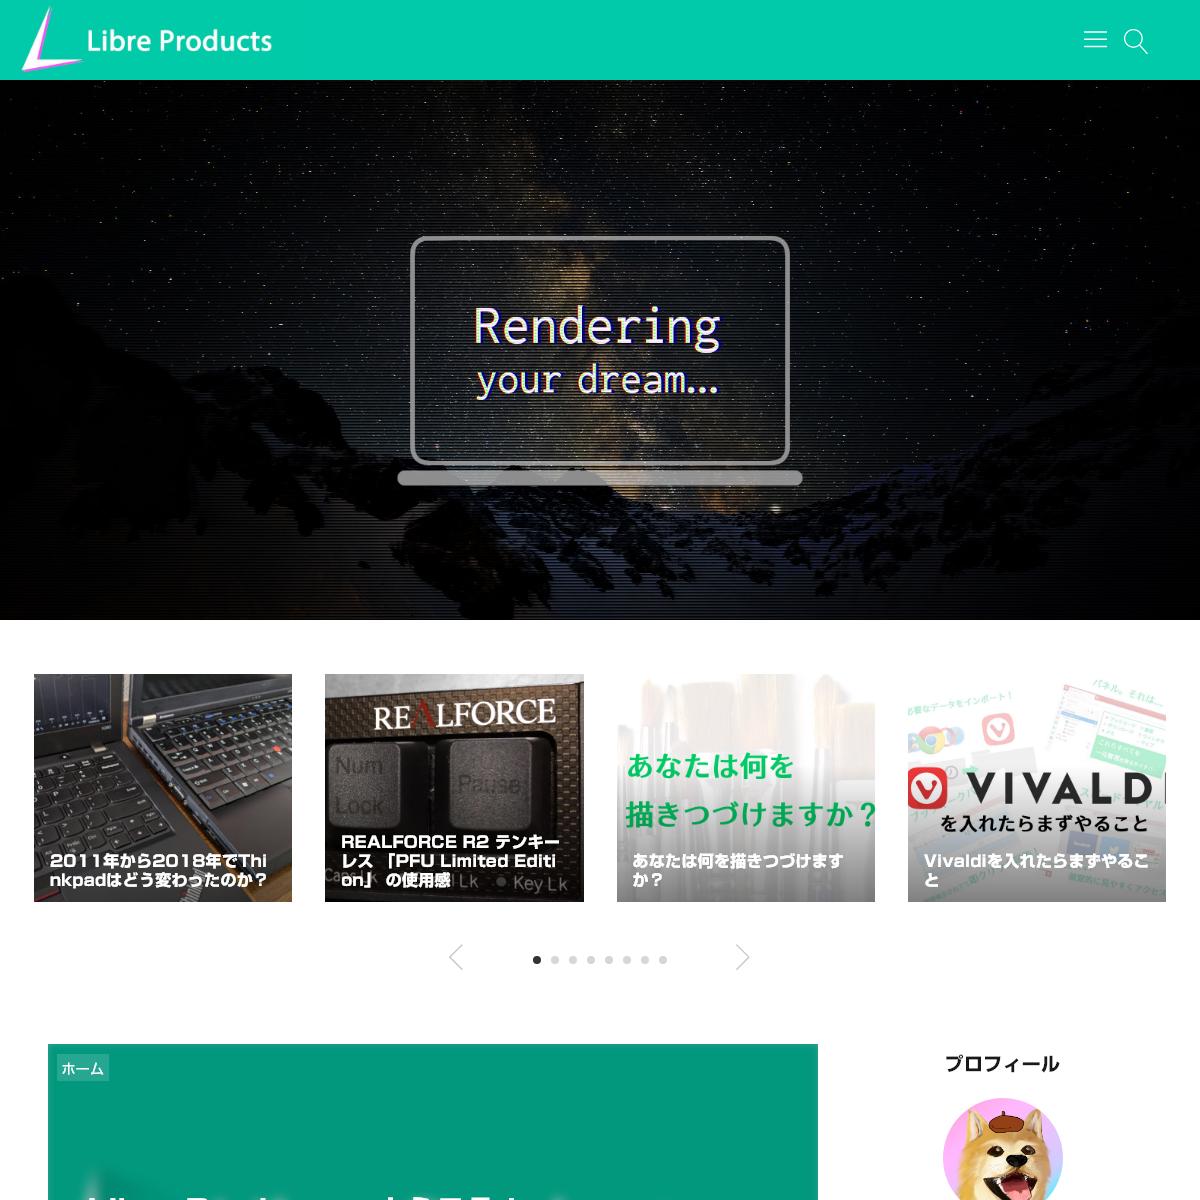 Libre Products - リブレプロダクツは、NEARが運営するWEB関連記事やガジェット類の情報発信基地で�